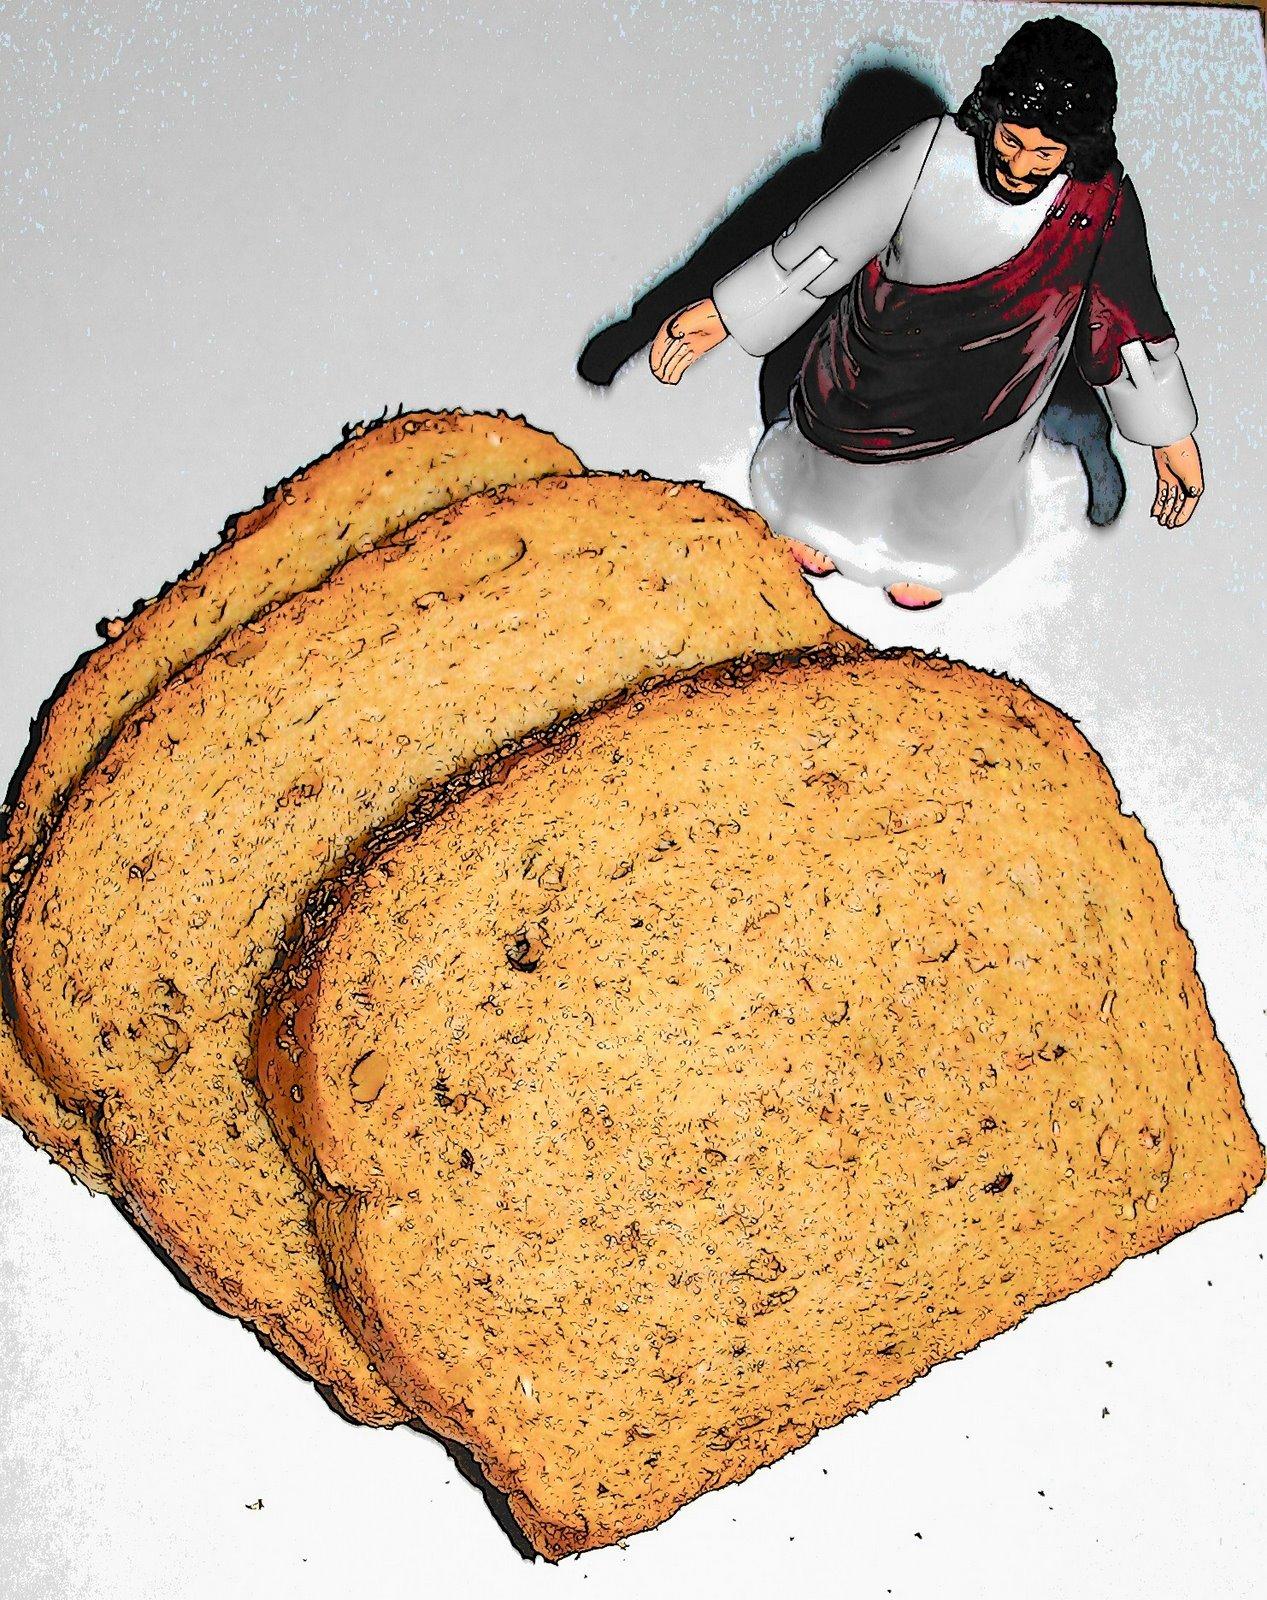 [bread+of+life.jpg]